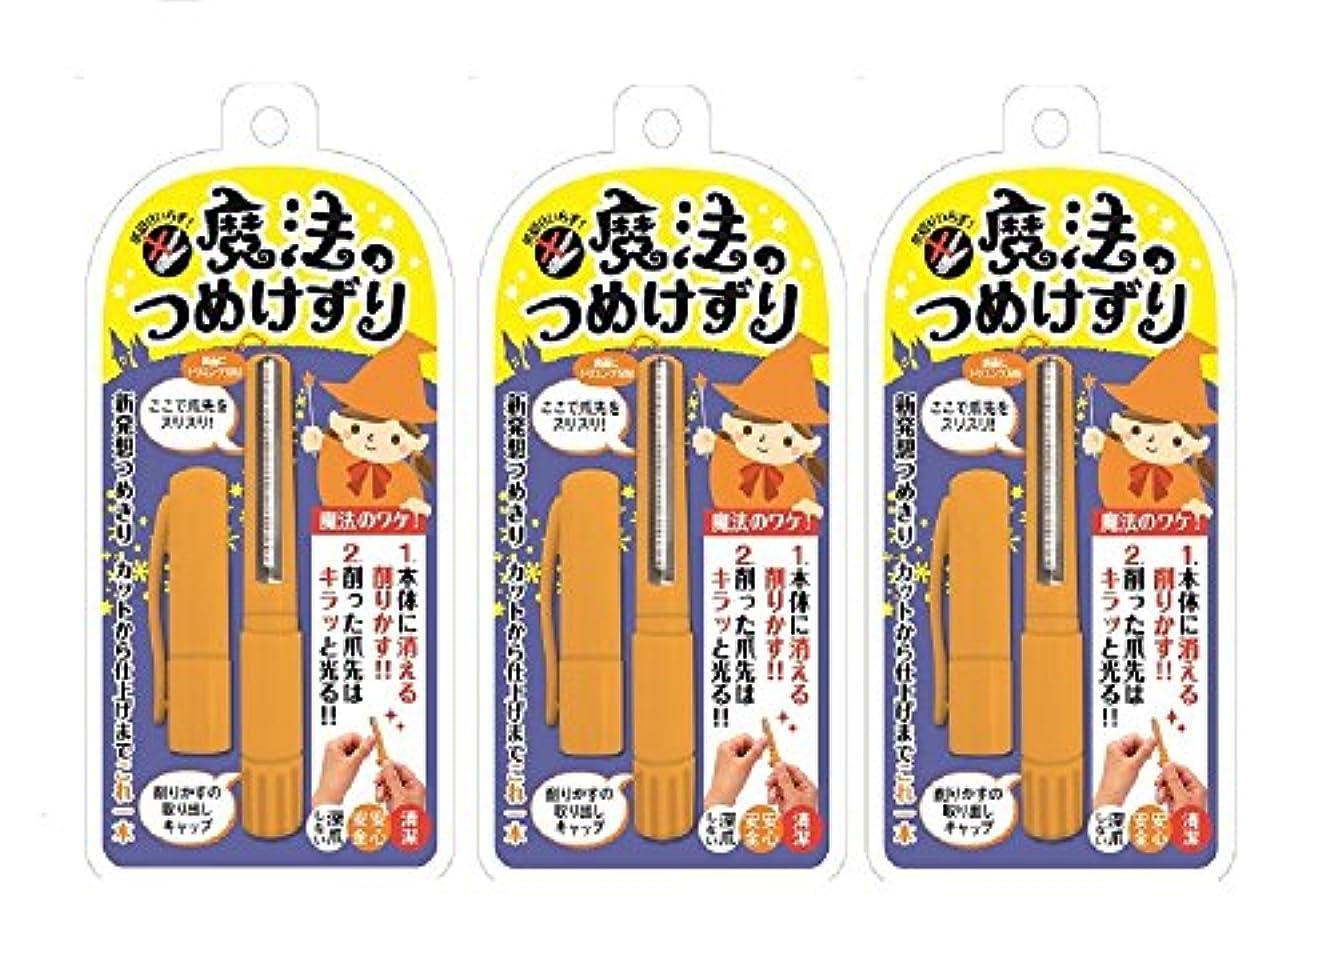 設計奇跡アシスト松本金型 魔法のつめけずり MM-090 オレンジ 3個セット